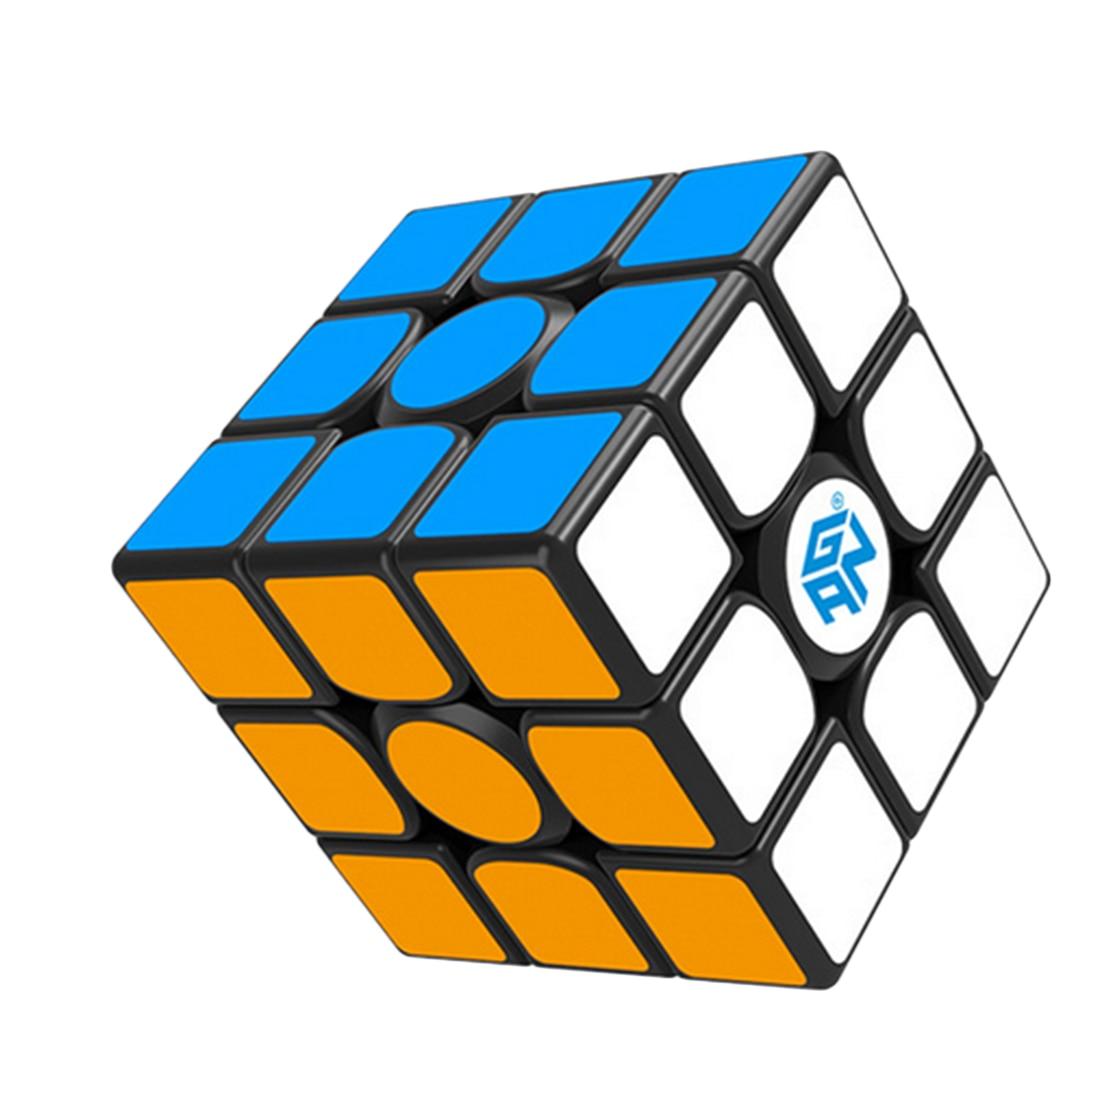 1 pièces GAN356 Air SM Version magnétique Speedcubing 3x3 Cube magique pour compétition noir